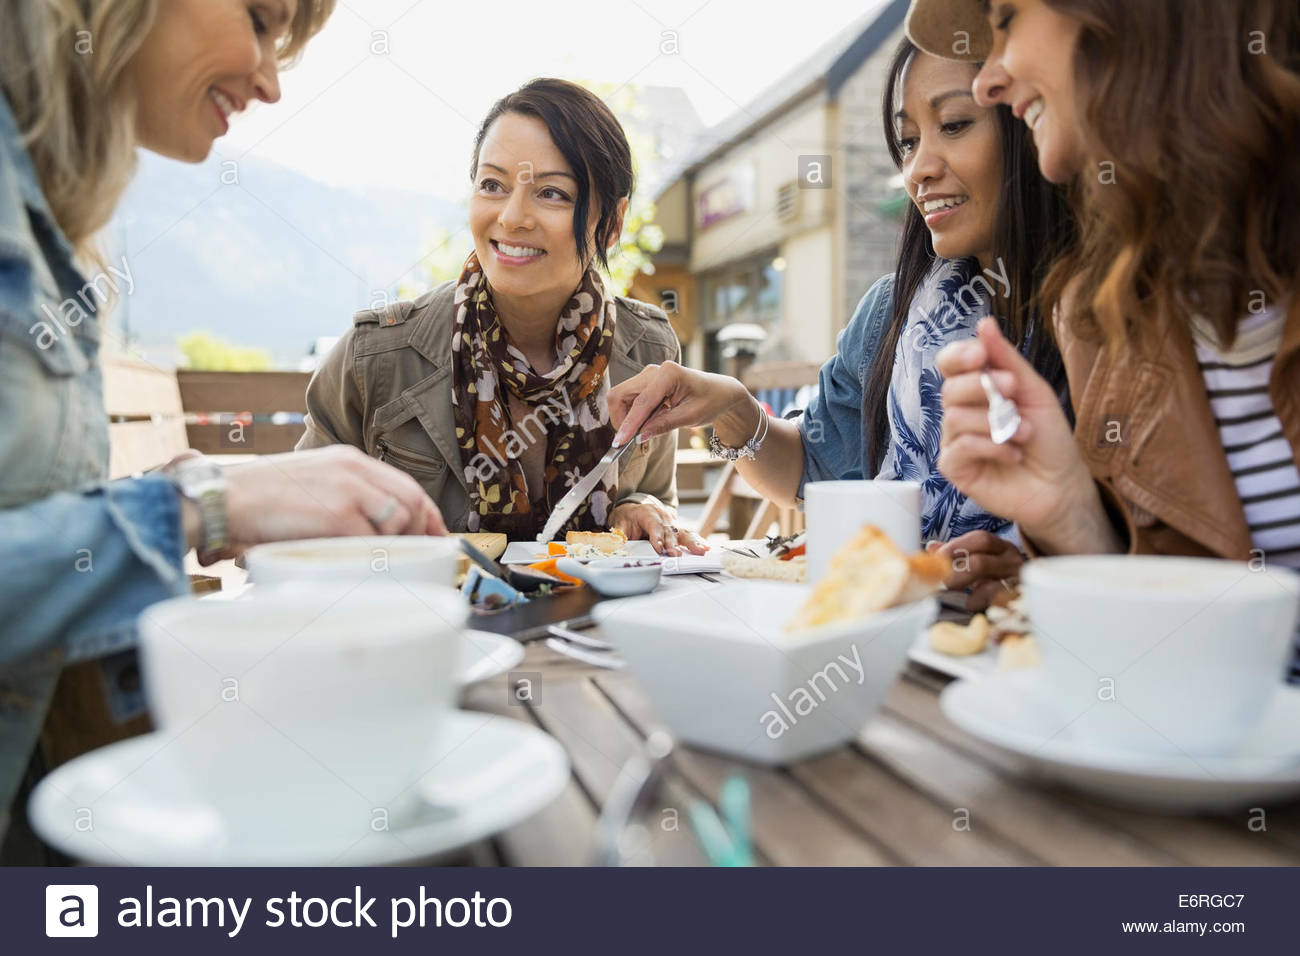 Les femmes manger ensemble dans cafe Photo Stock